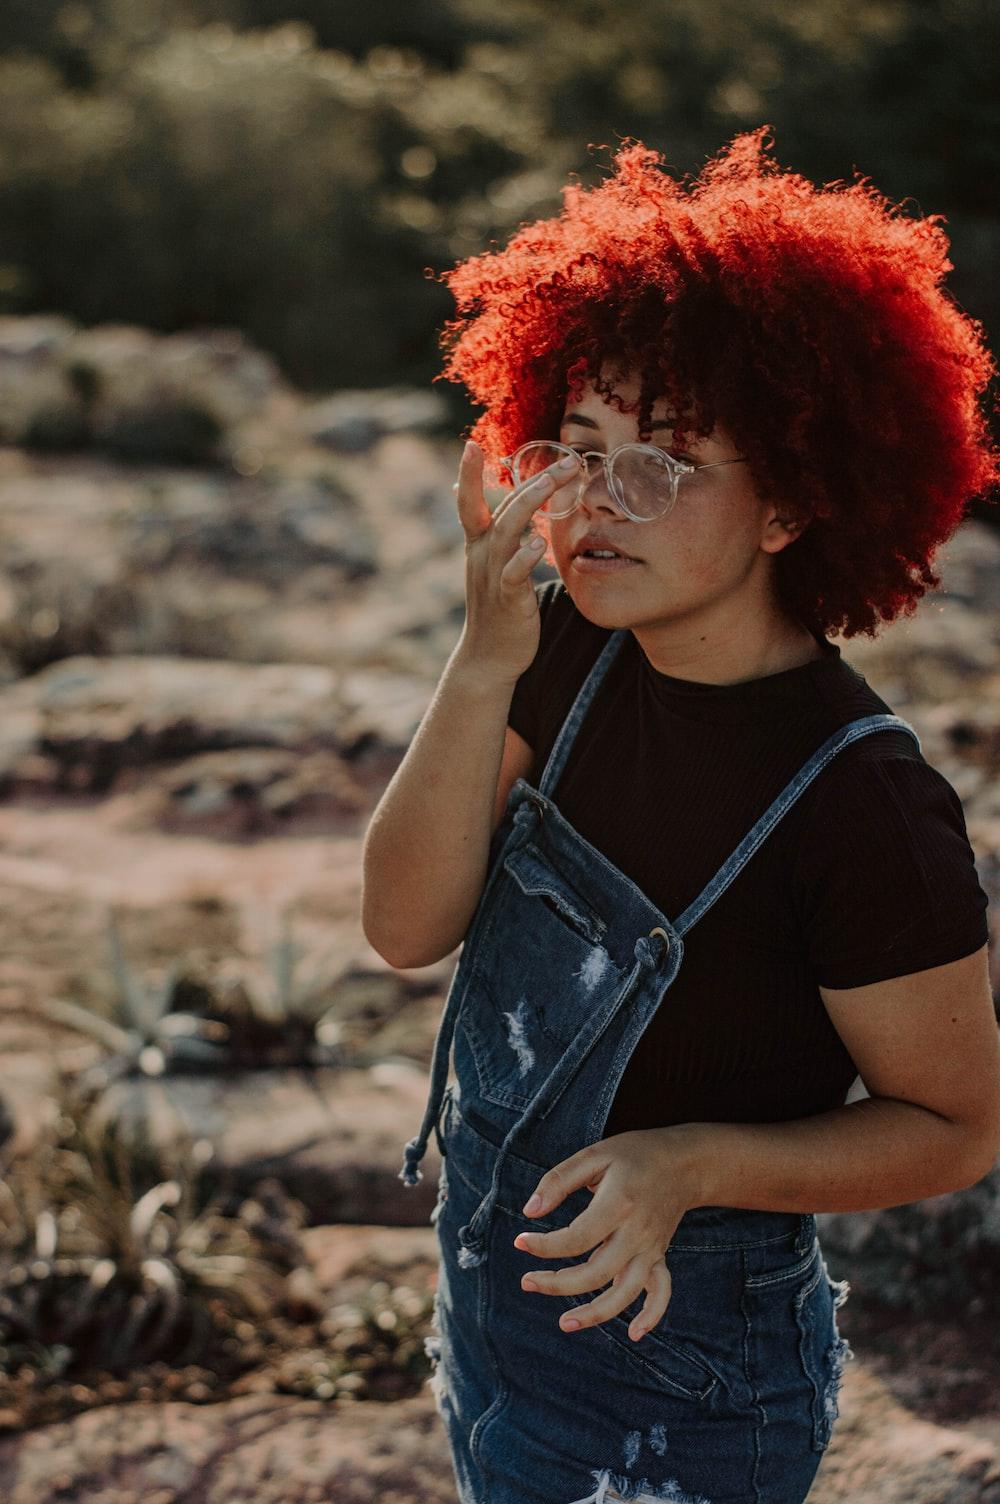 woman in black tank top wearing eyeglasses